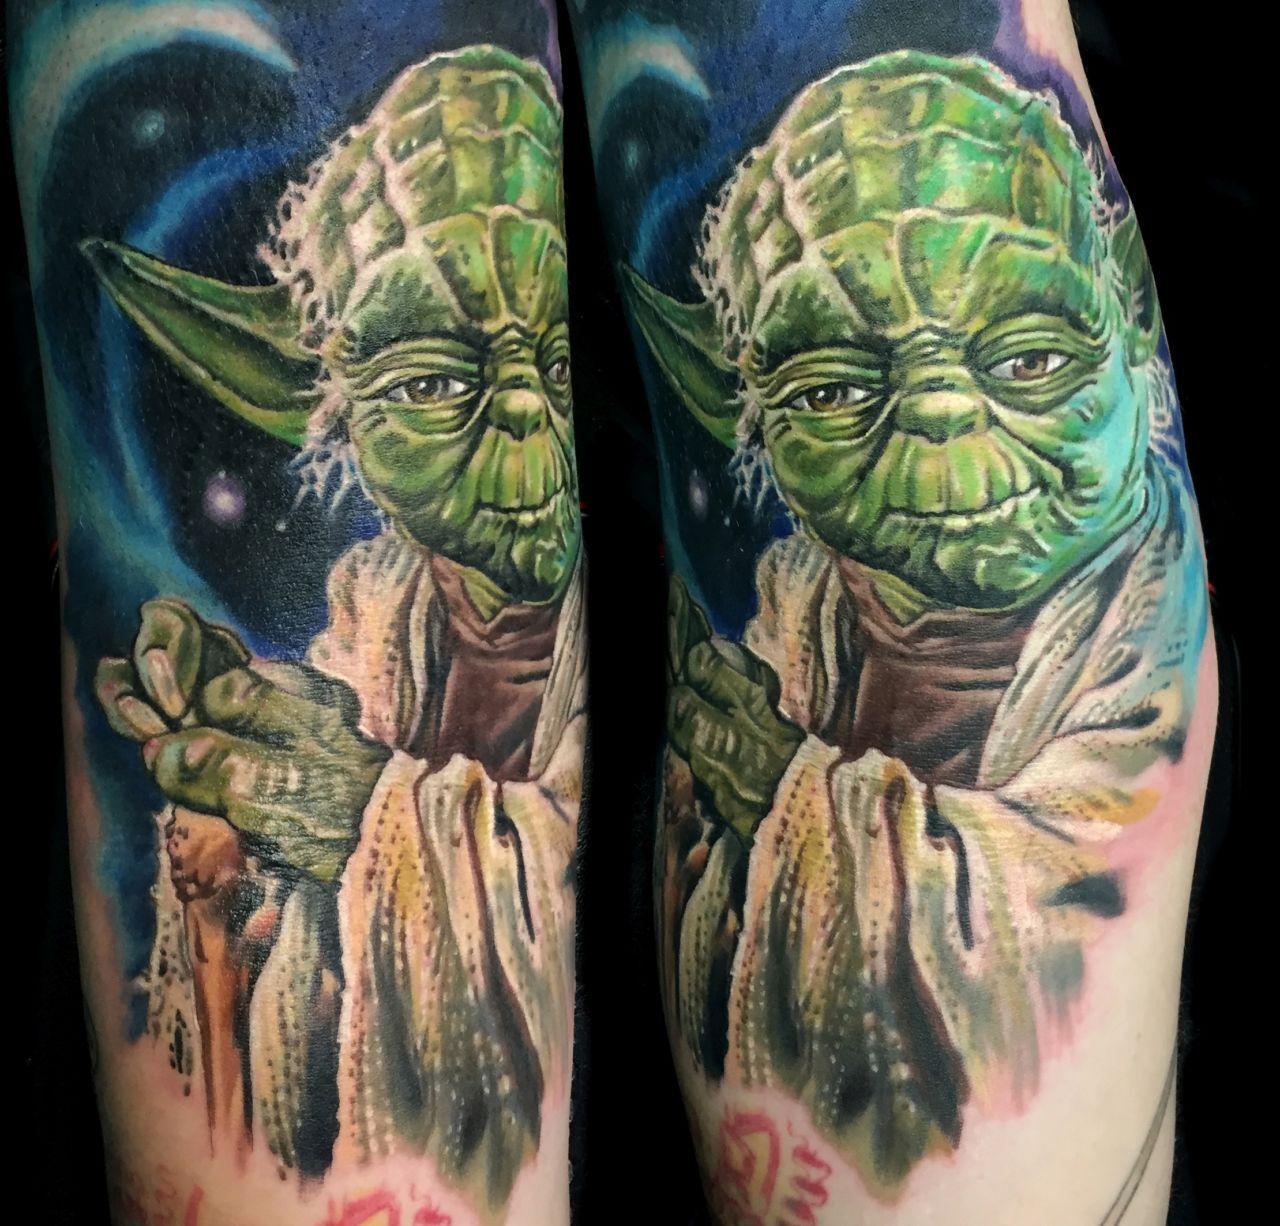 Goa Tattoo Moksha: is he still alive in 'Star Wars The Last Jedi'?